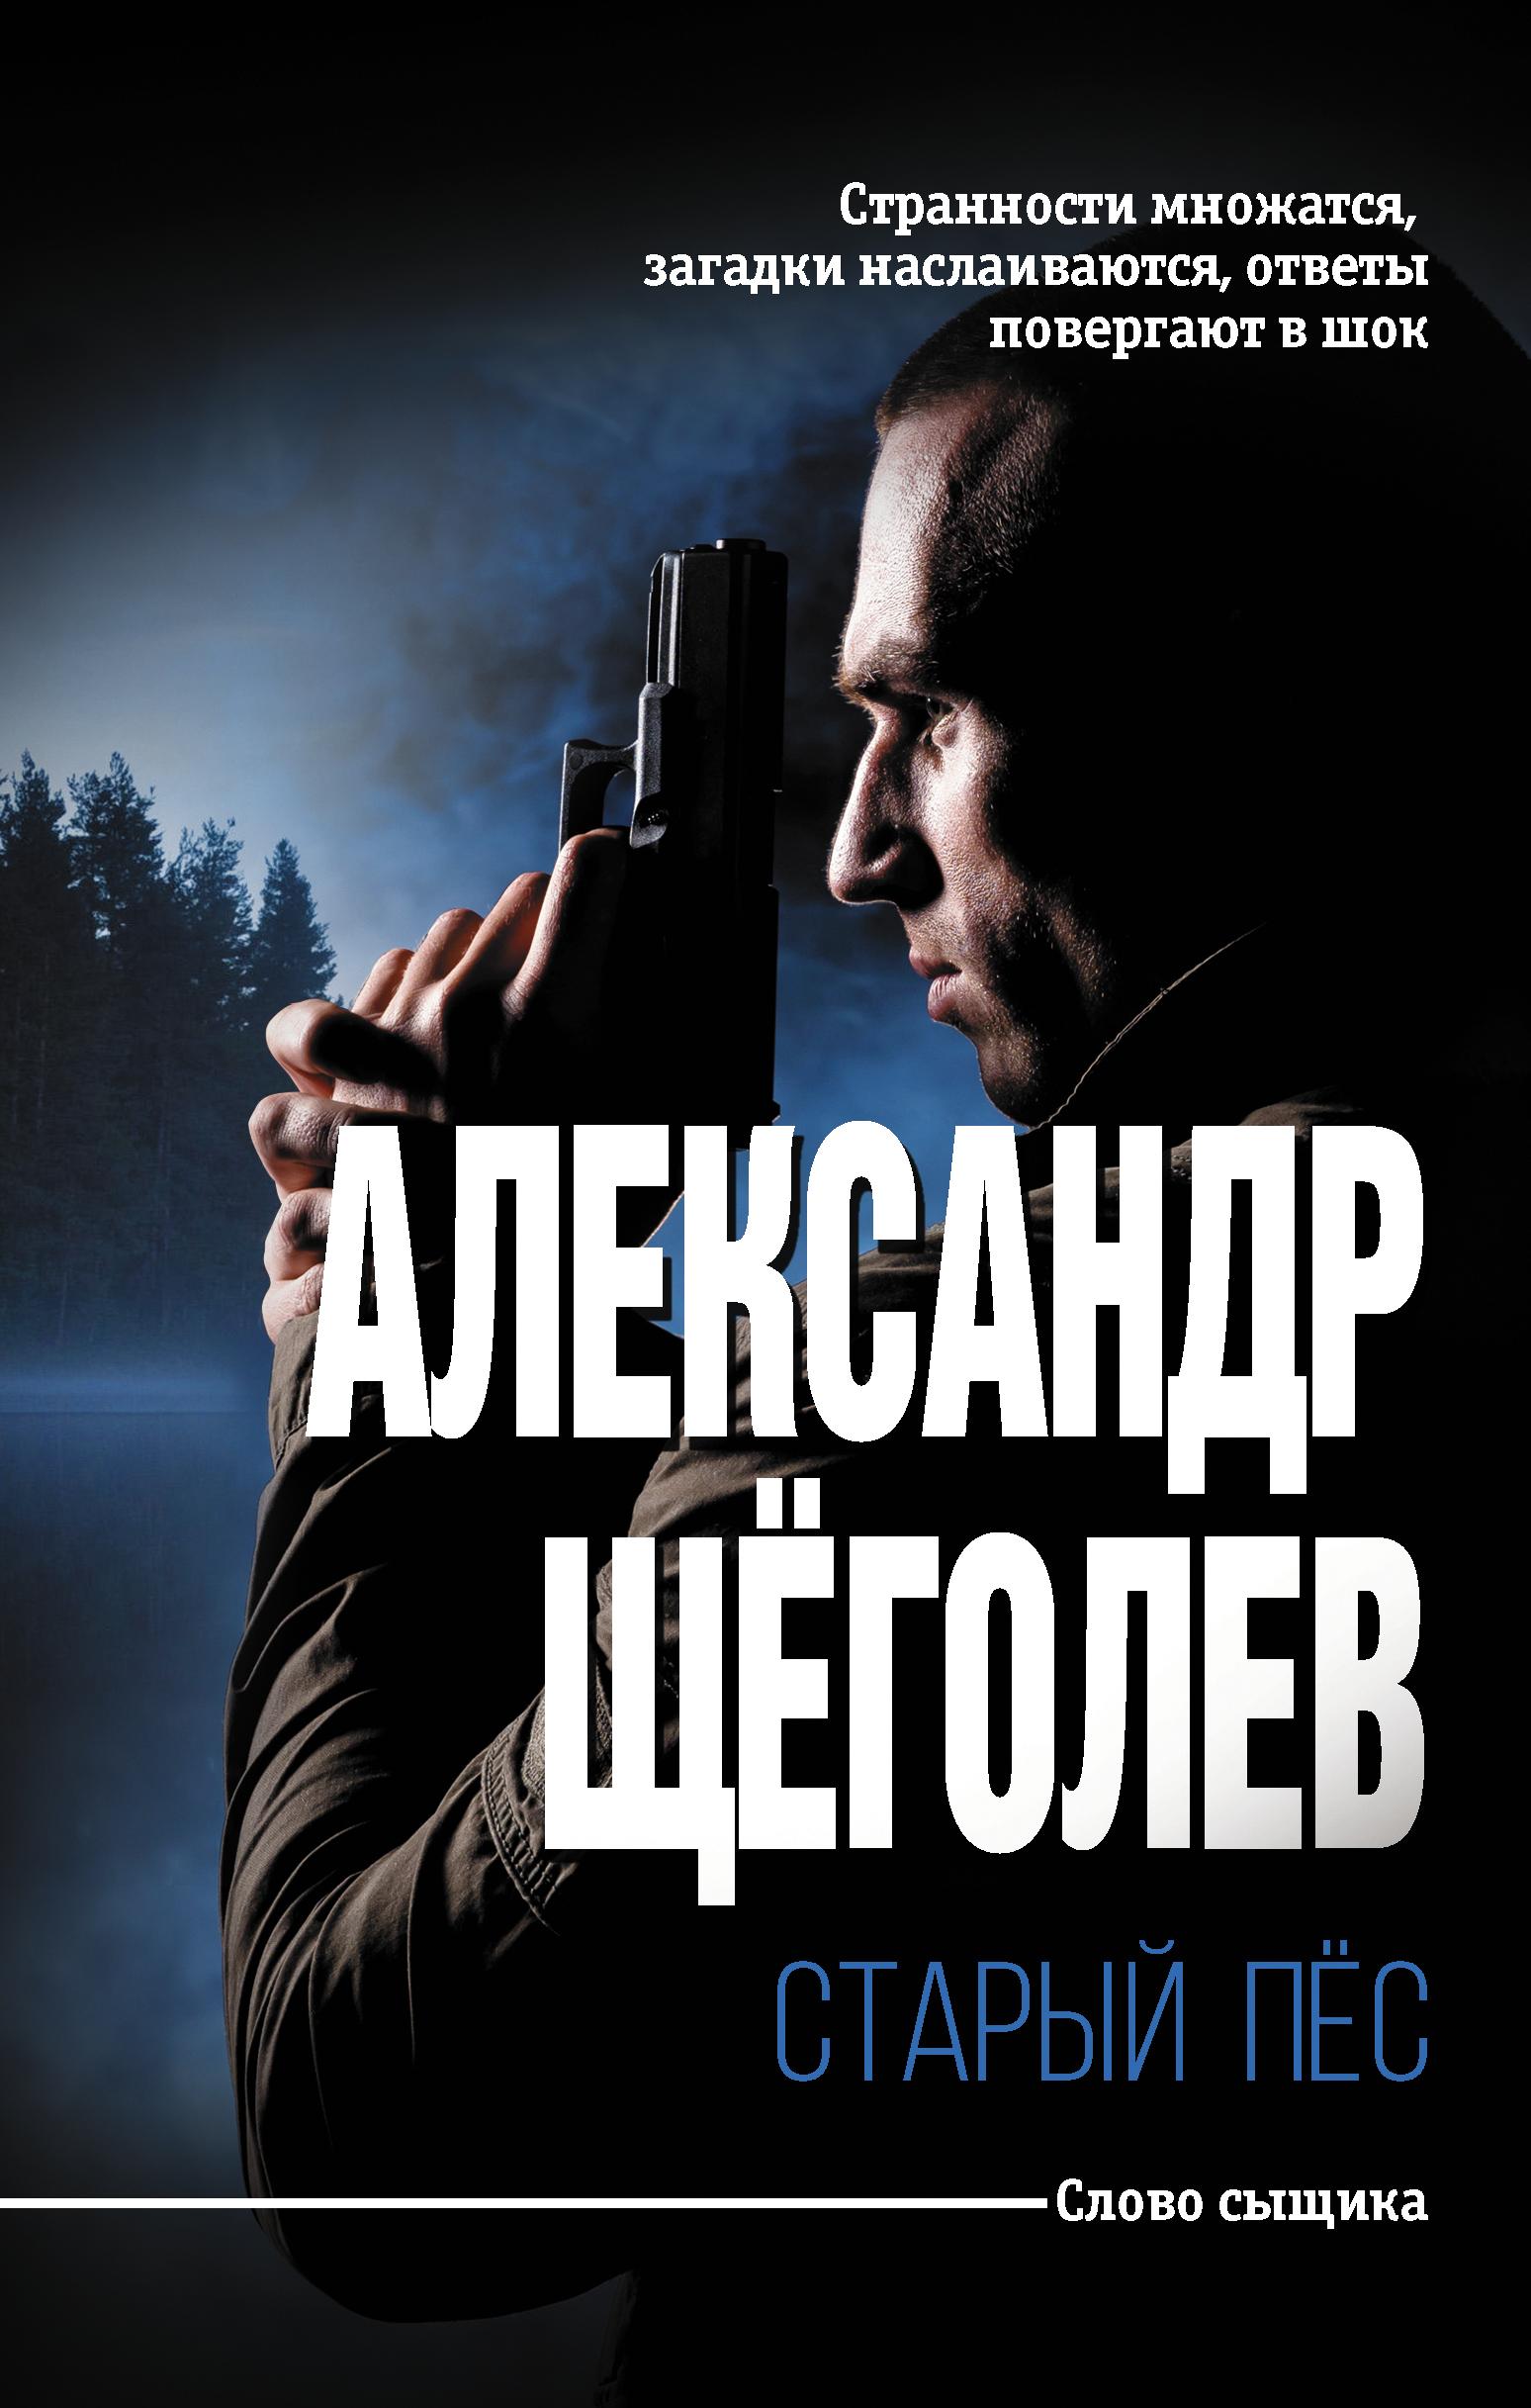 Старый пёс - Александр Щеголев